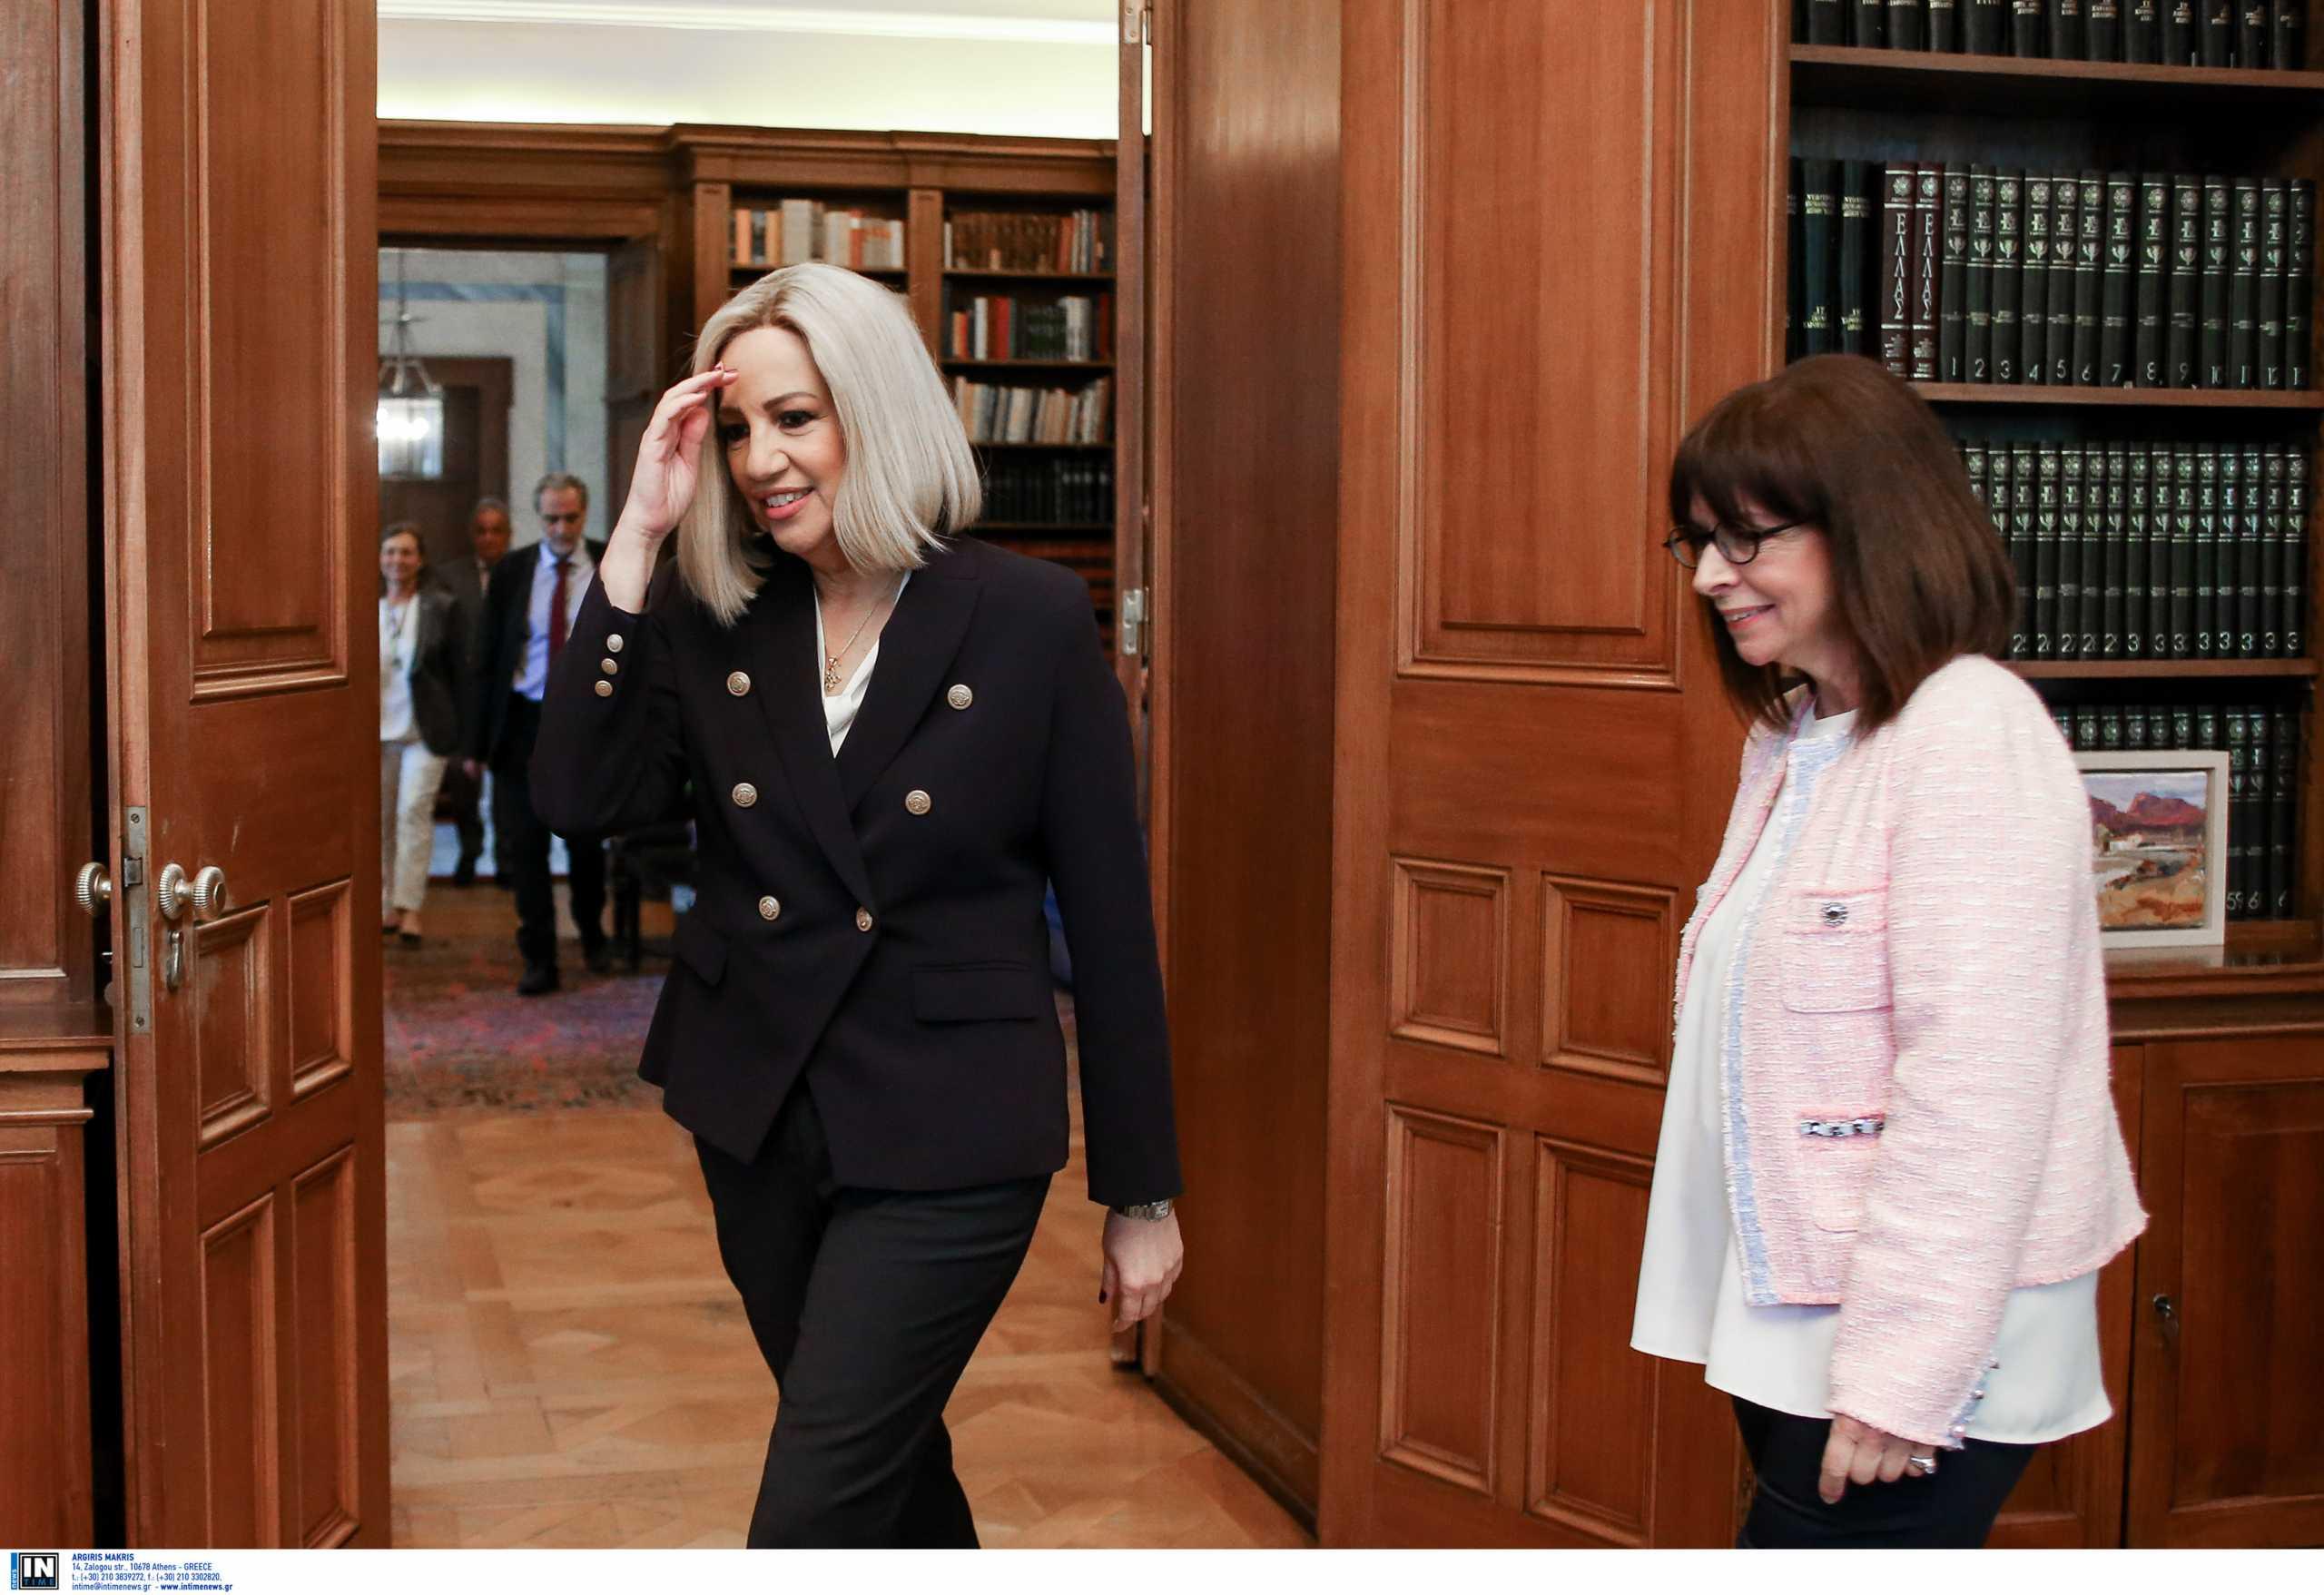 Κατερίνα Σακελλαροπούλου για Φώφη Γεννηματά: Είναι μαχήτρια και το έχει αποδείξει